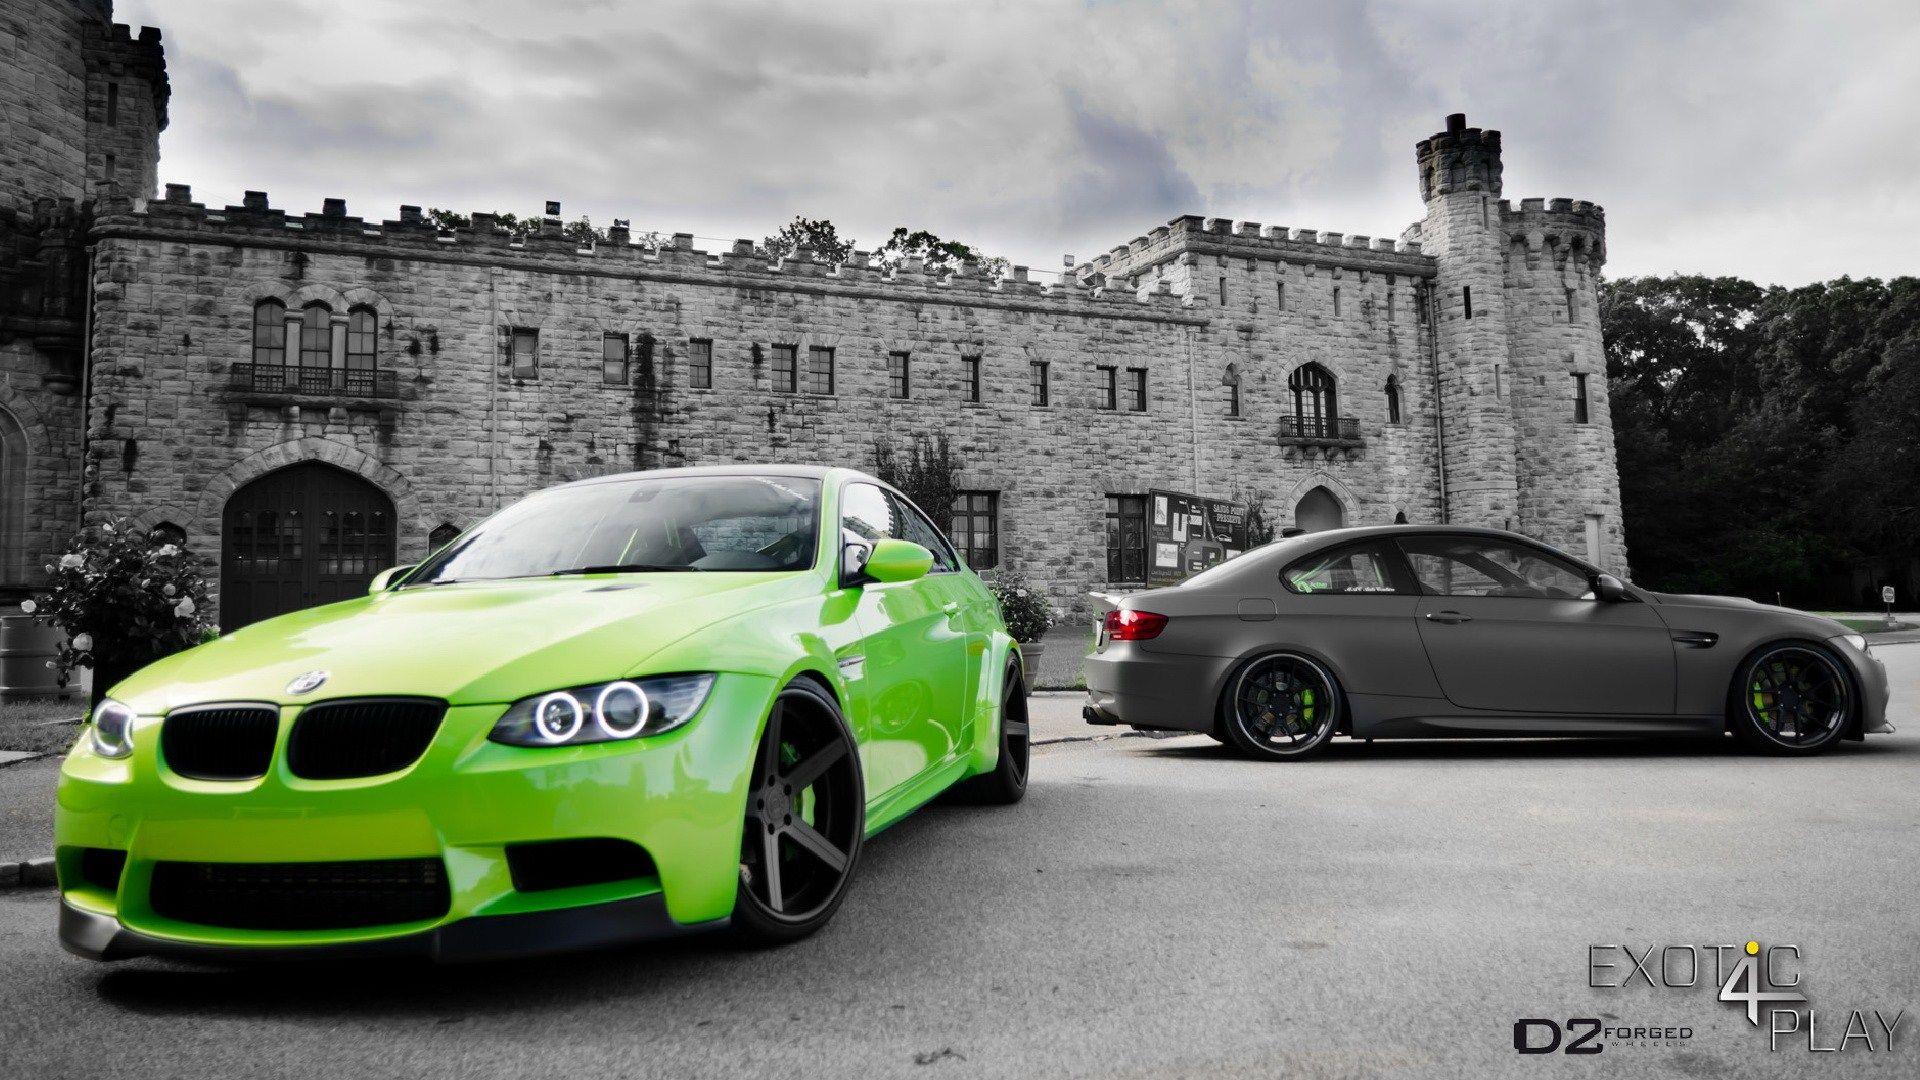 green vs. gray bmw m3 e92 castle original hd wallpaper